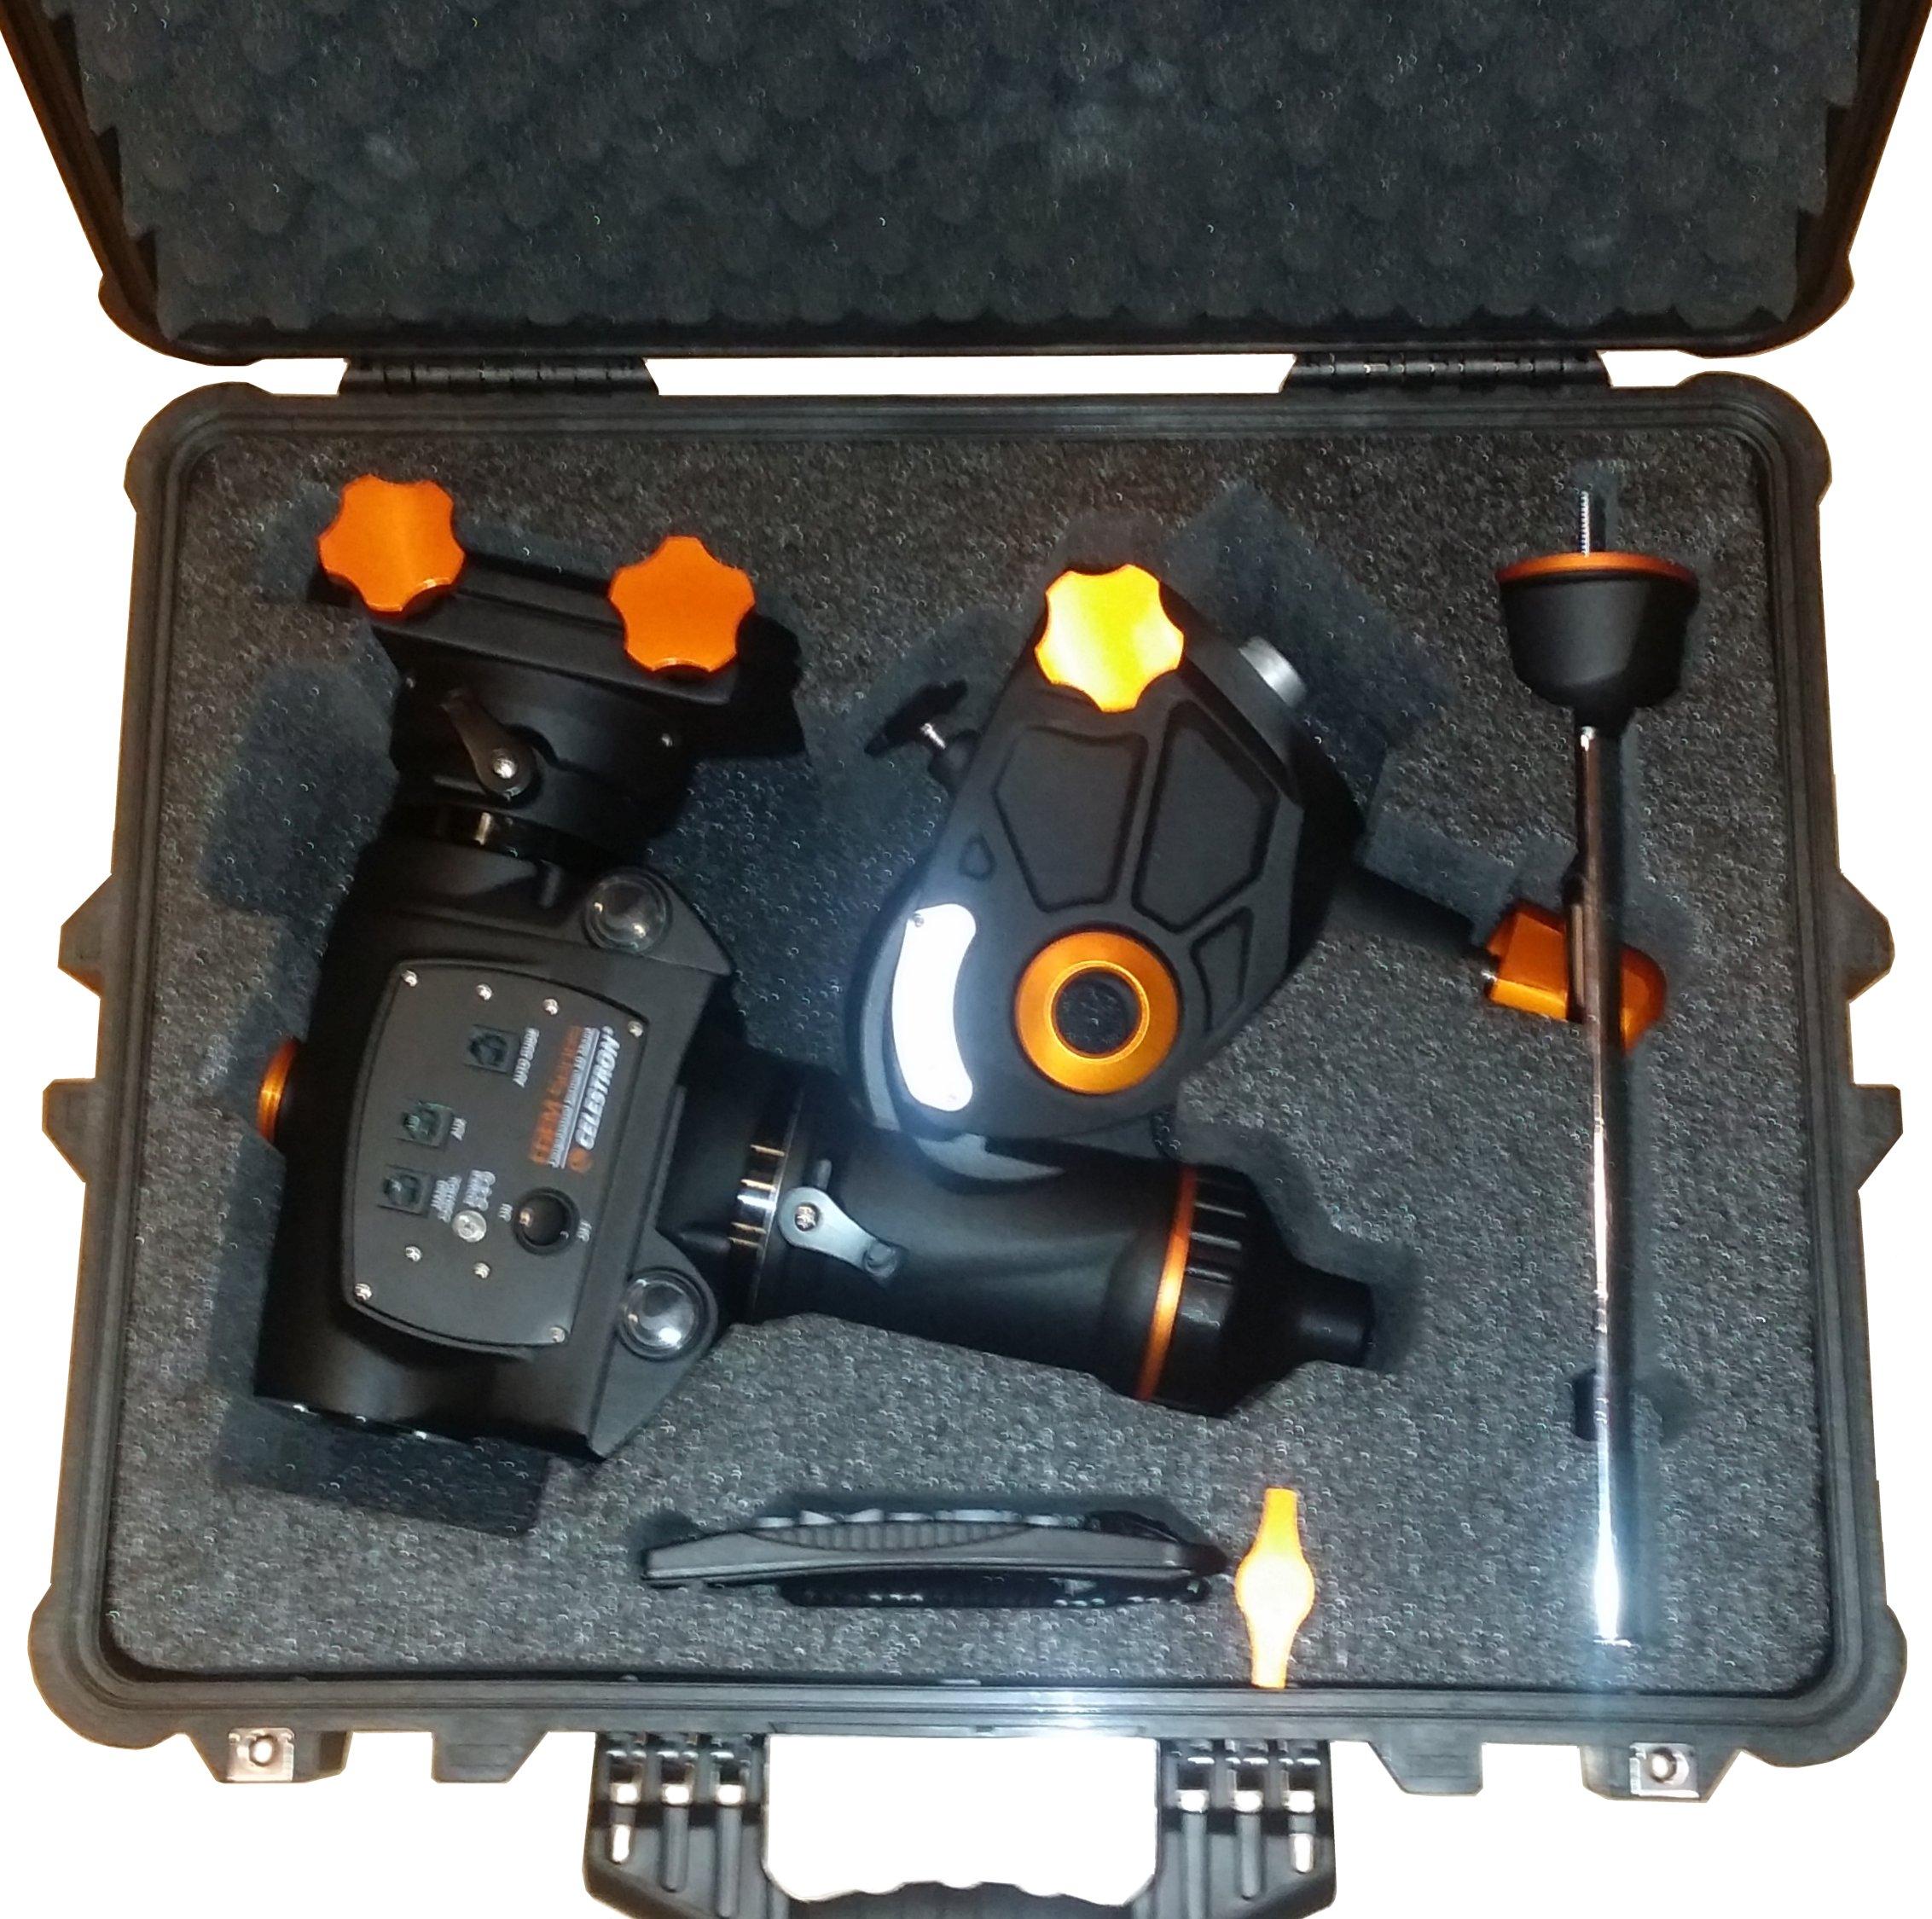 Pelican™ 1600 Case Custom Foam Example: Celestron CGEM Case